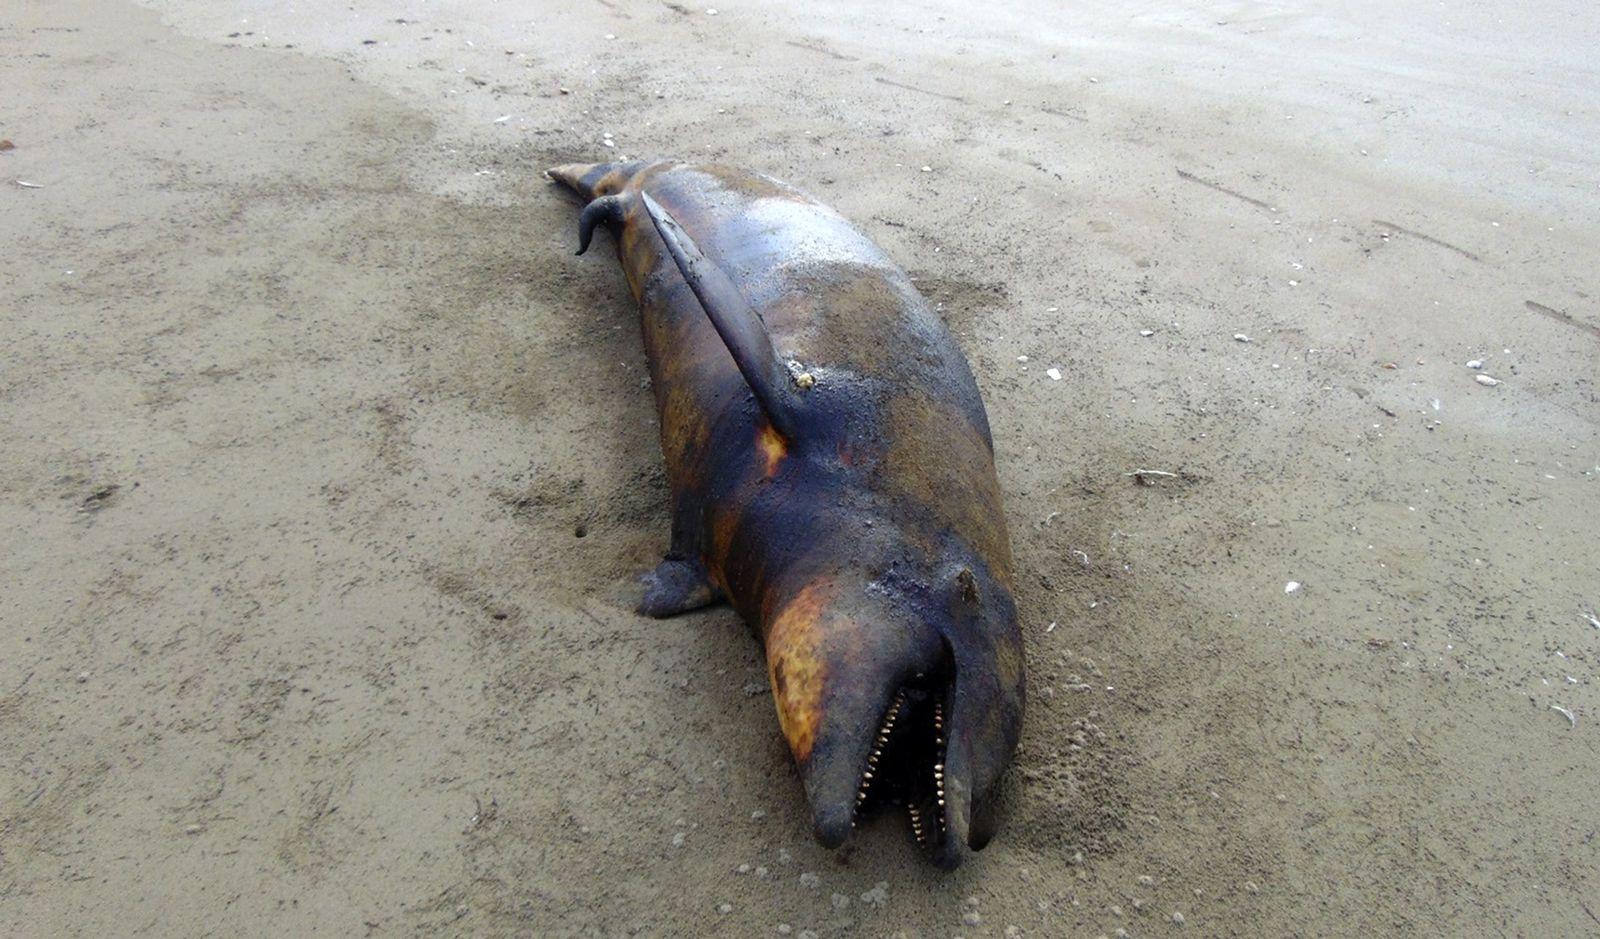 MEXICO-SEA-ANIMALS-DEATH